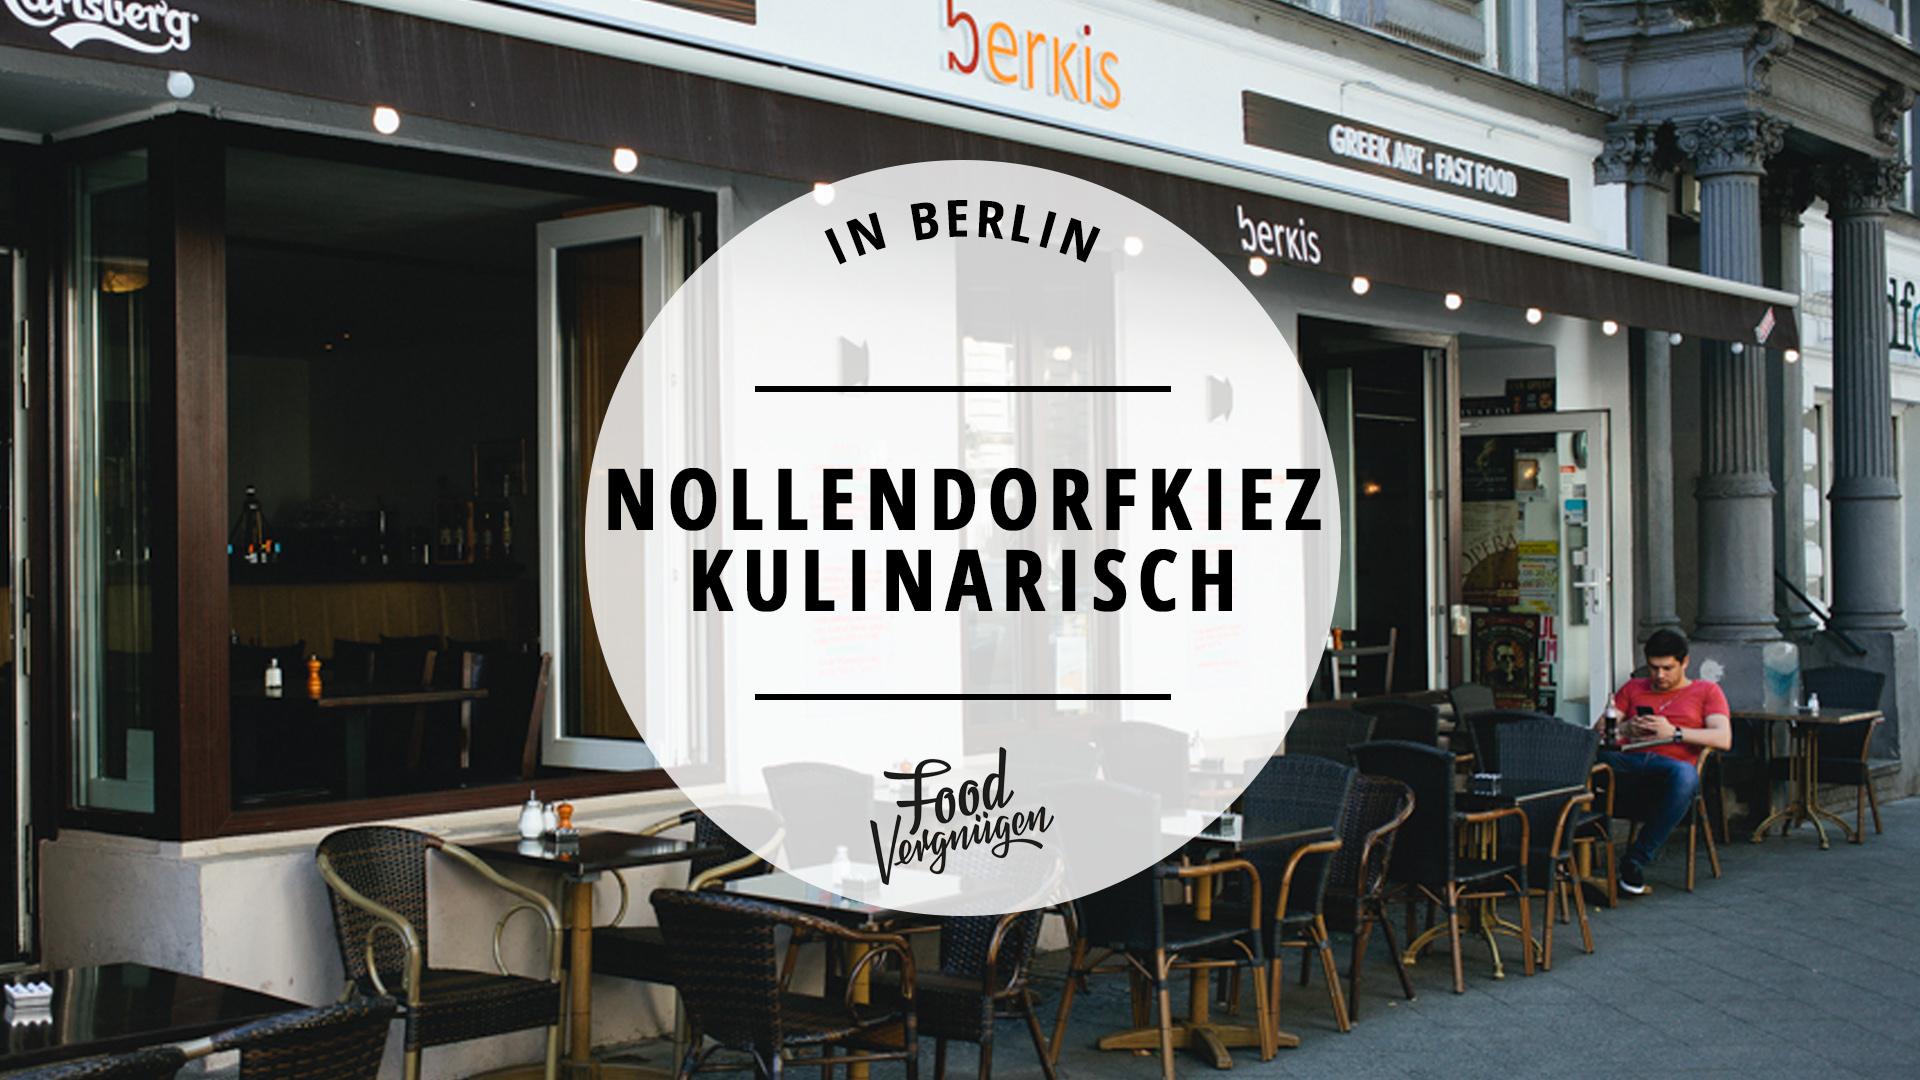 11 caf s restaurants und bars im nollendorfkiez die ihr kennen solltet mit vergn gen berlin. Black Bedroom Furniture Sets. Home Design Ideas